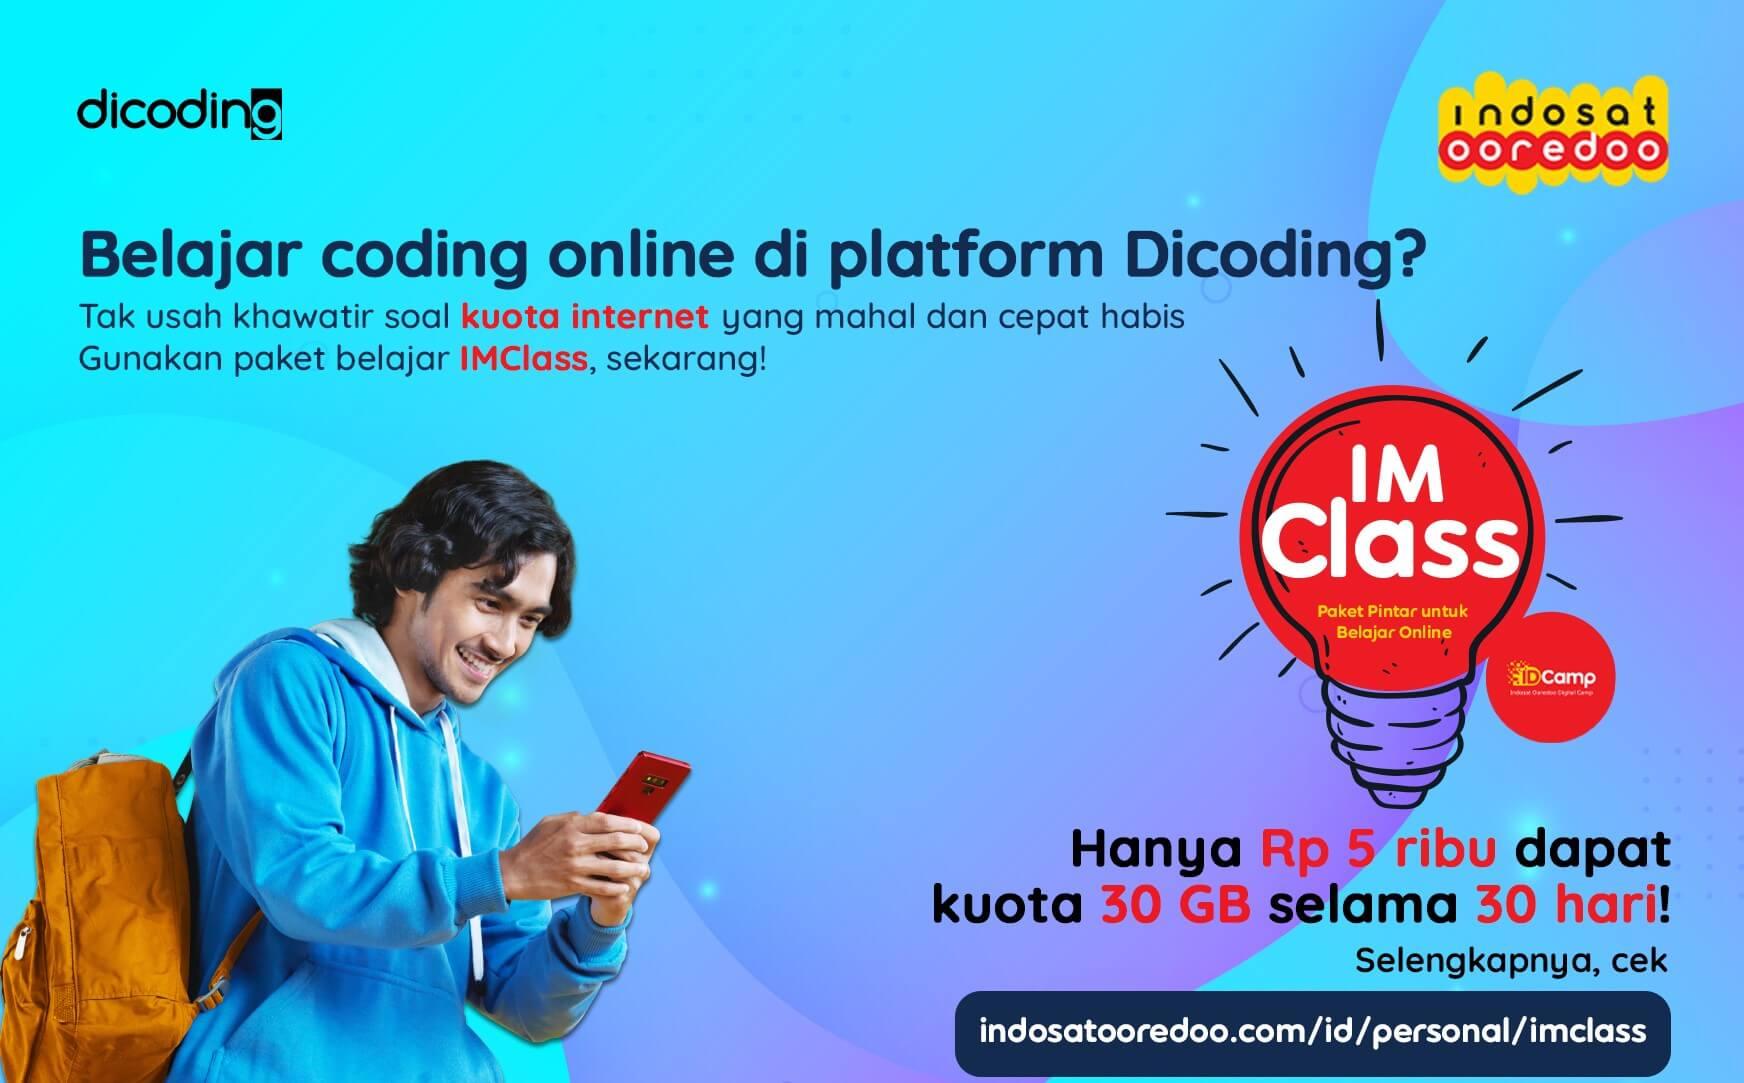 IMClass